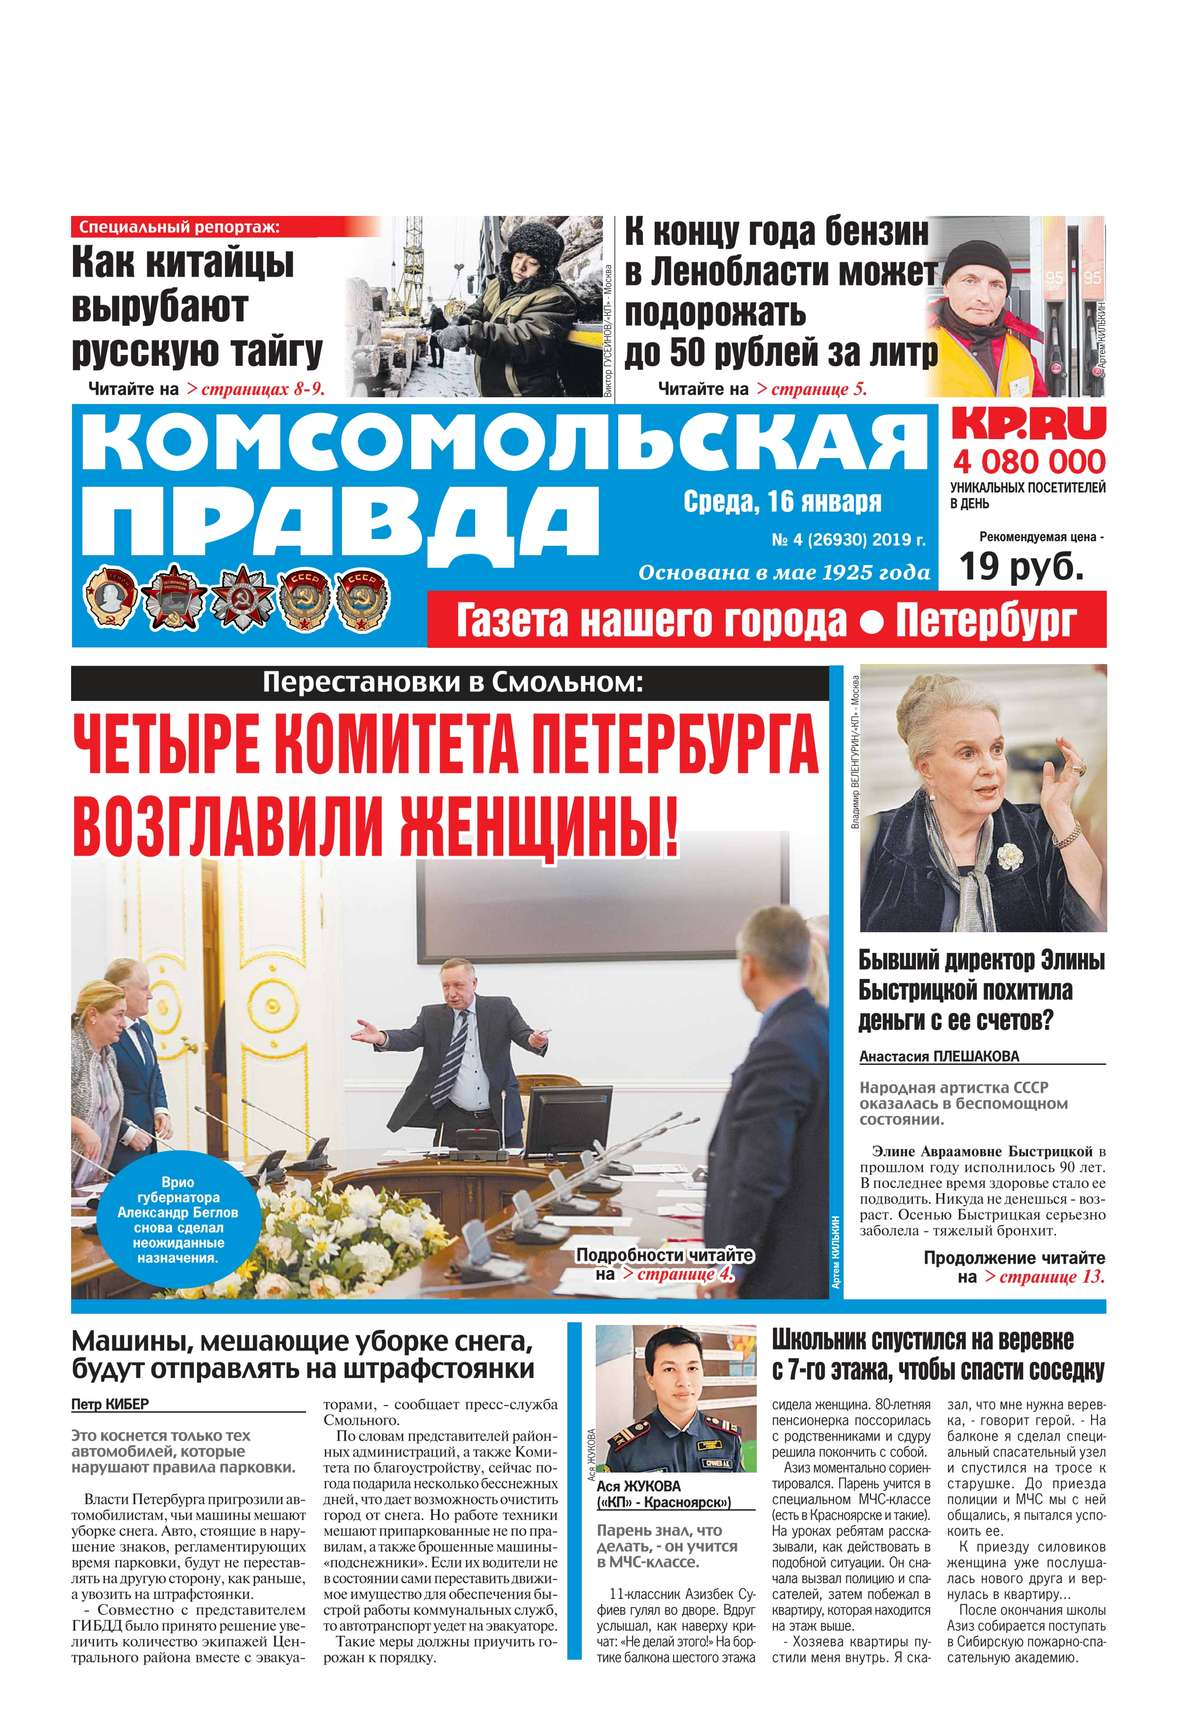 Комсомольская Правда. Санкт-Петербург 04-2019